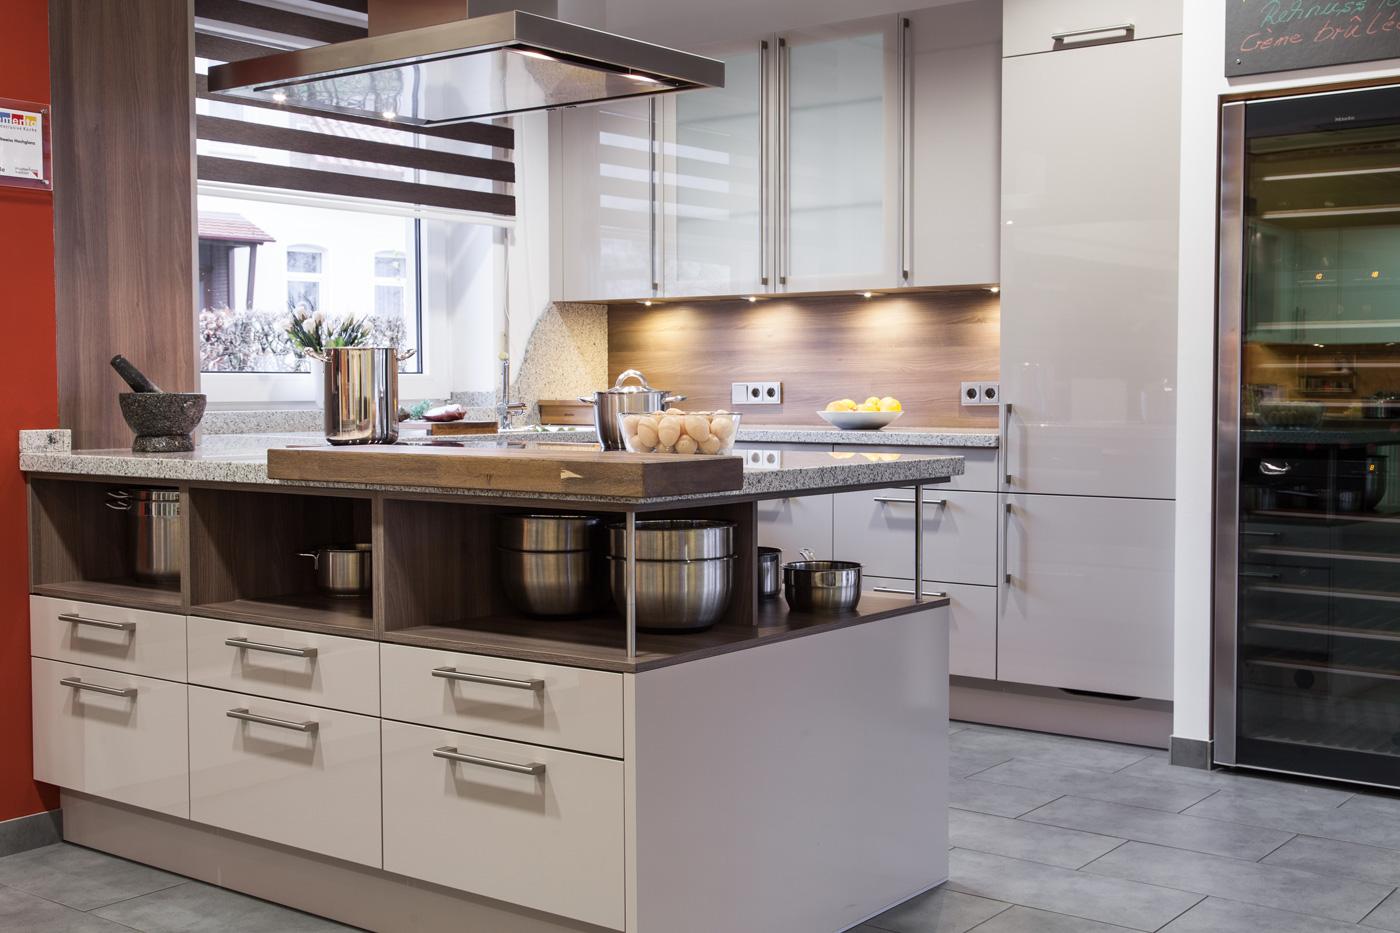 Küchenausstellung in Aerzen: tolle Angebote für jeden Geschmack